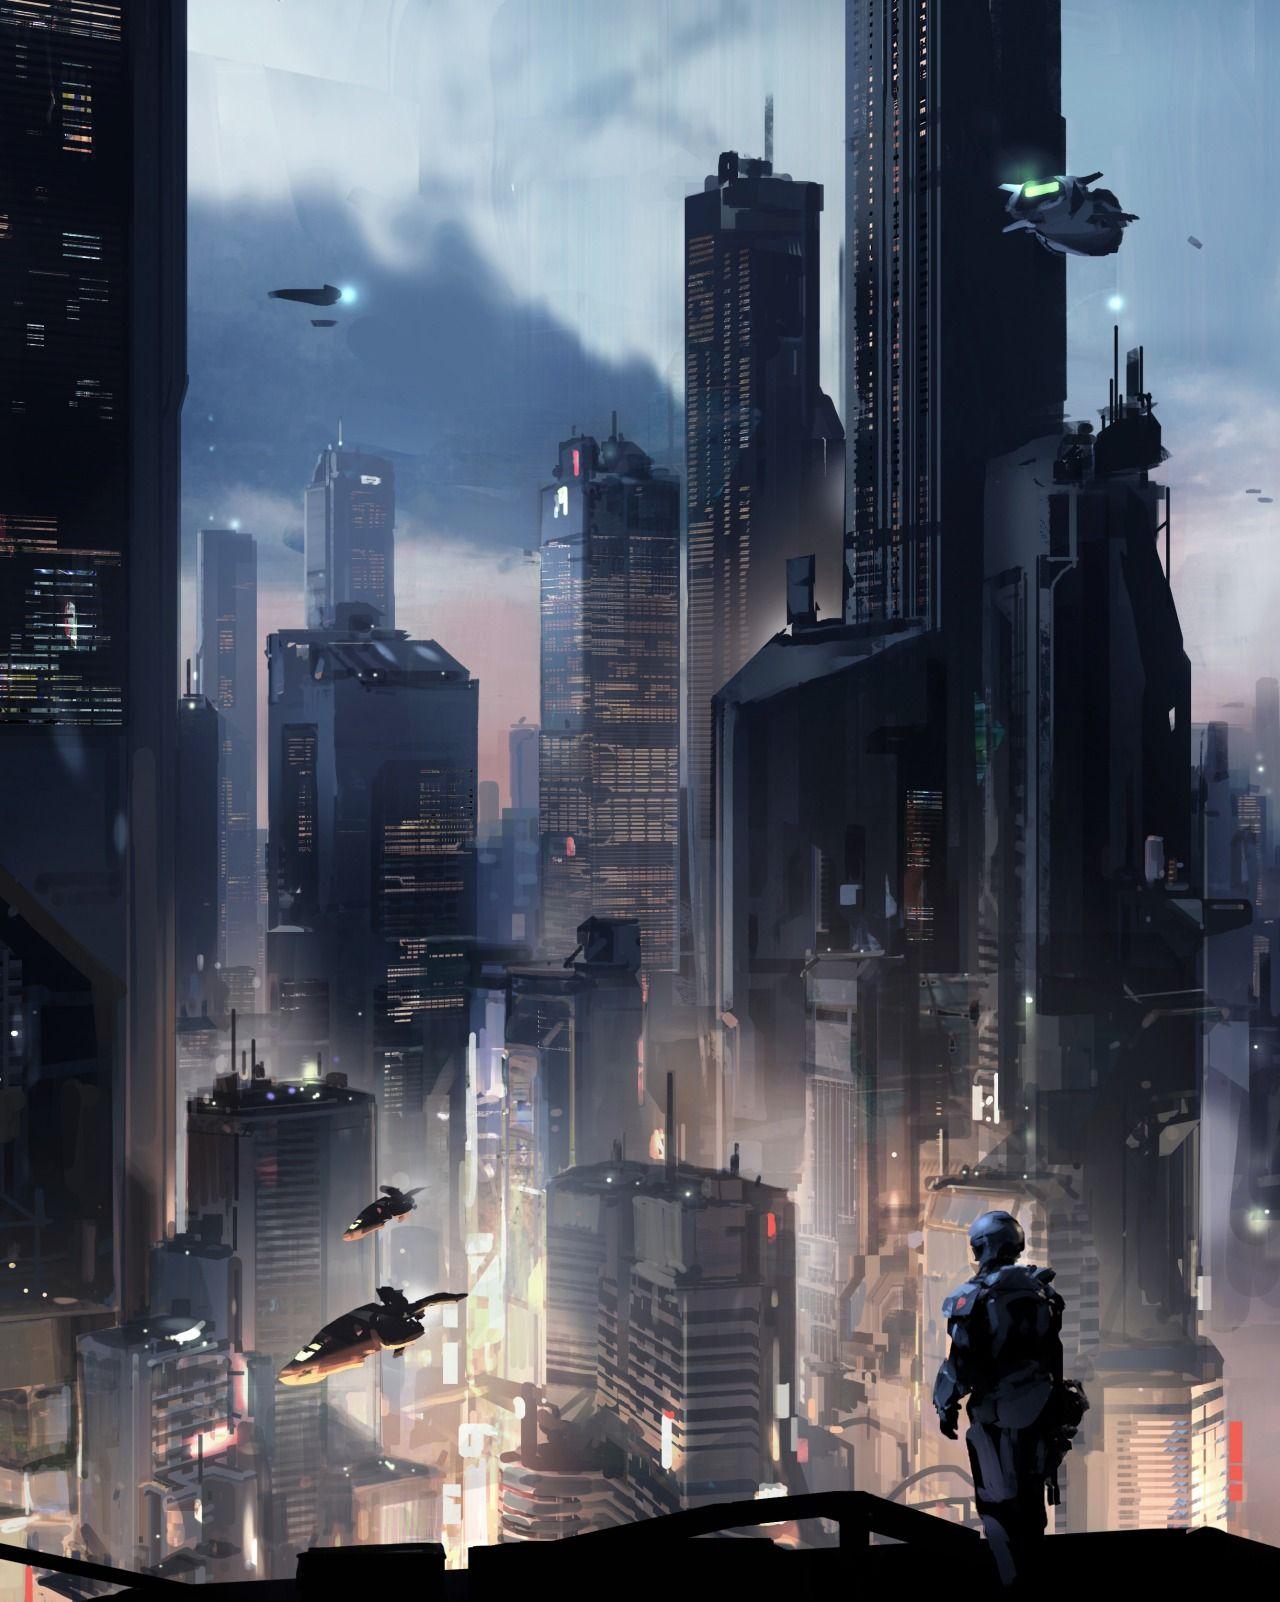 Cyberpunk City, Futuristic City, Sci Fi City